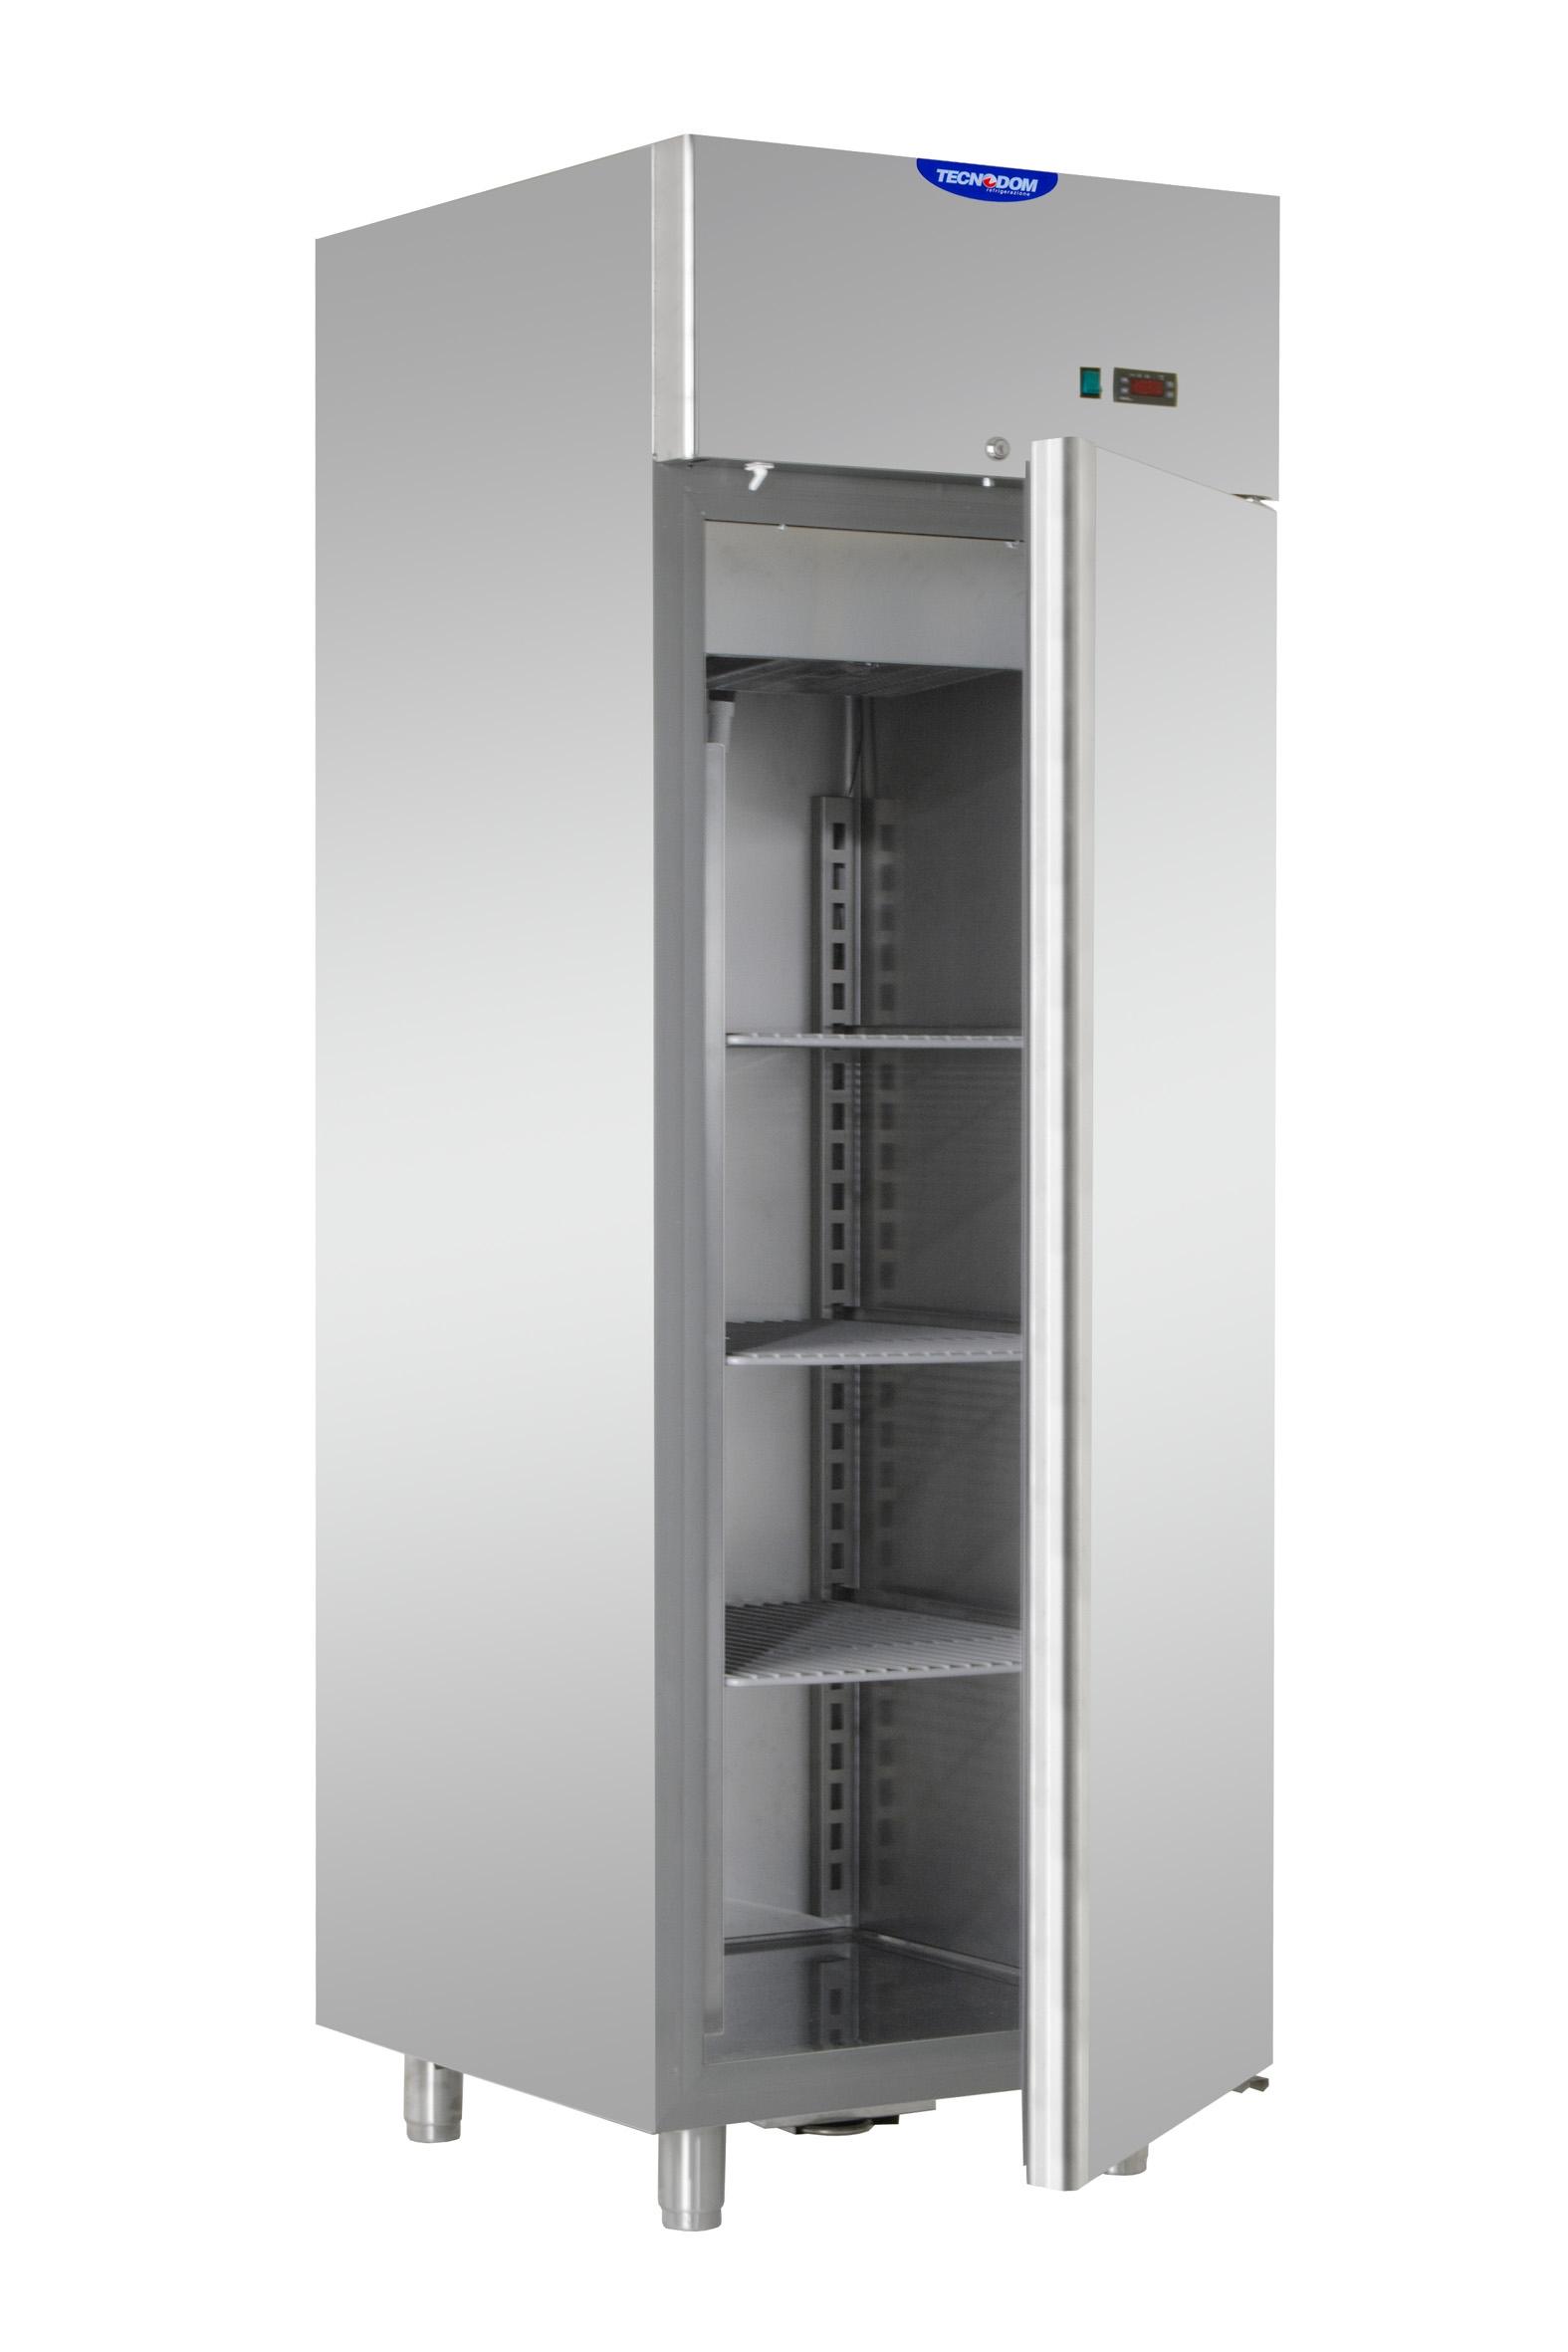 Rio 1 Door Upright Freezer